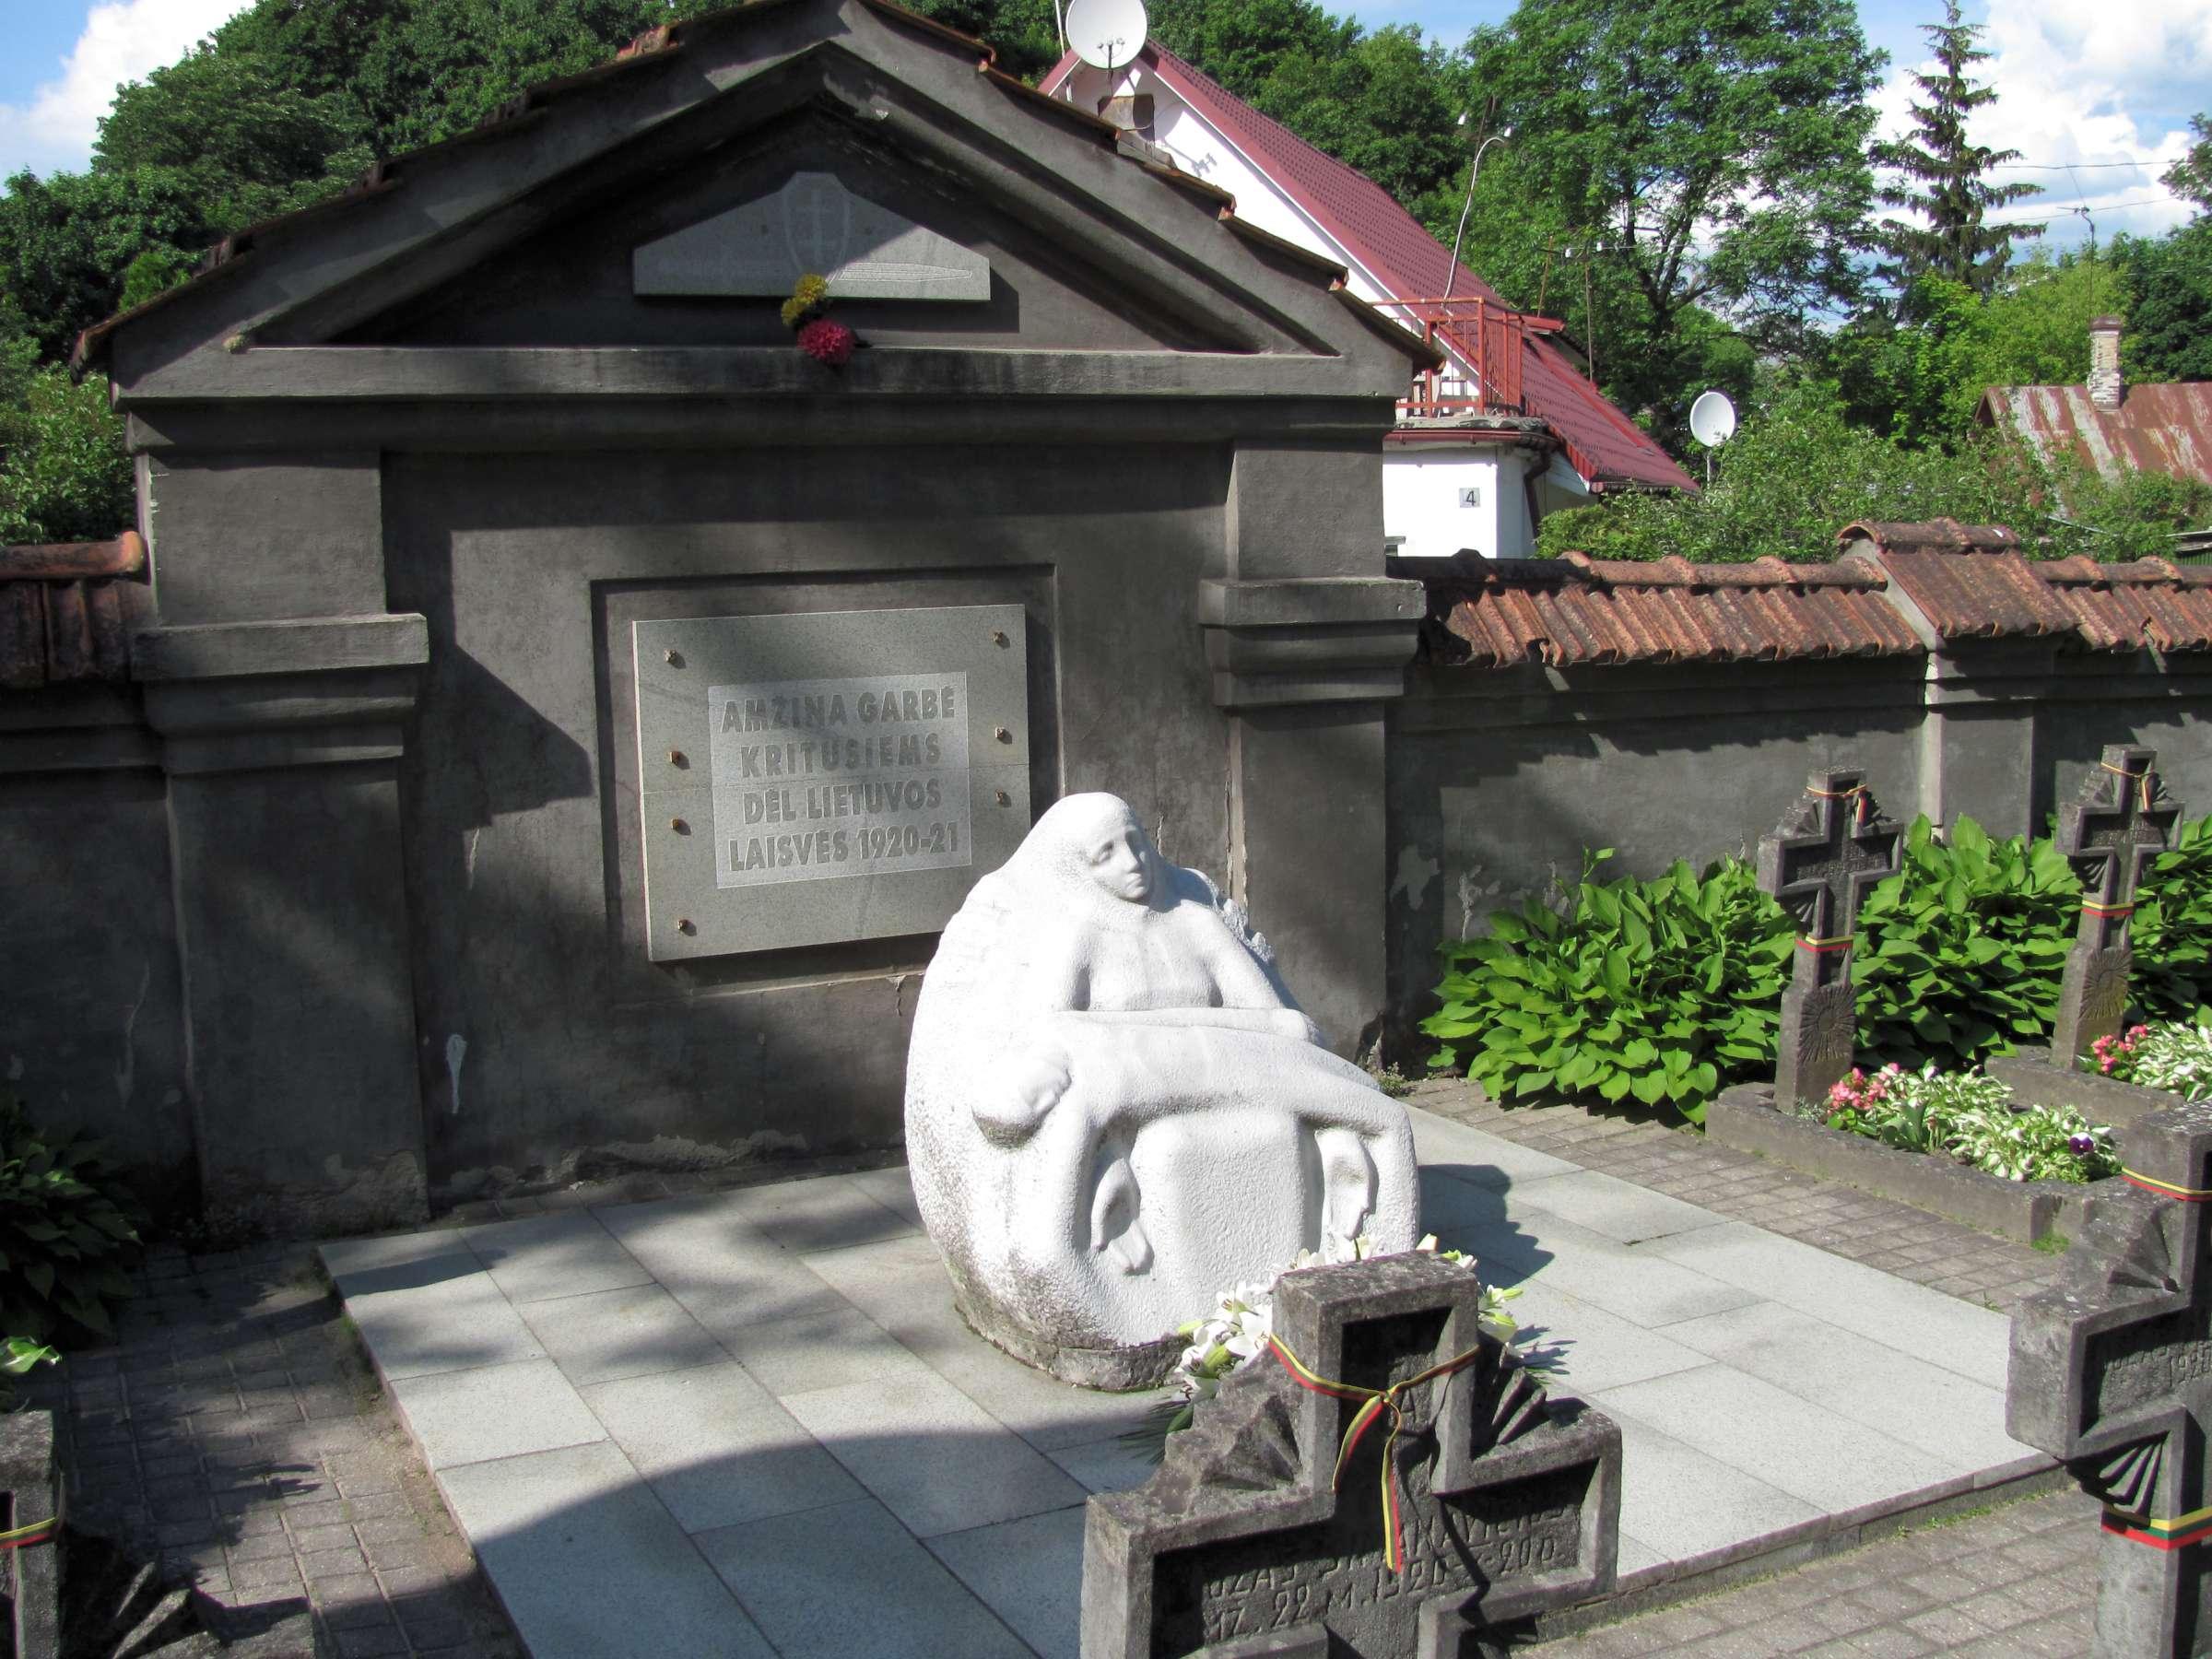 8. N. Gaigalaitės skulptūra Rasų kapinėse | B. Puzinavičiaus nuotr.